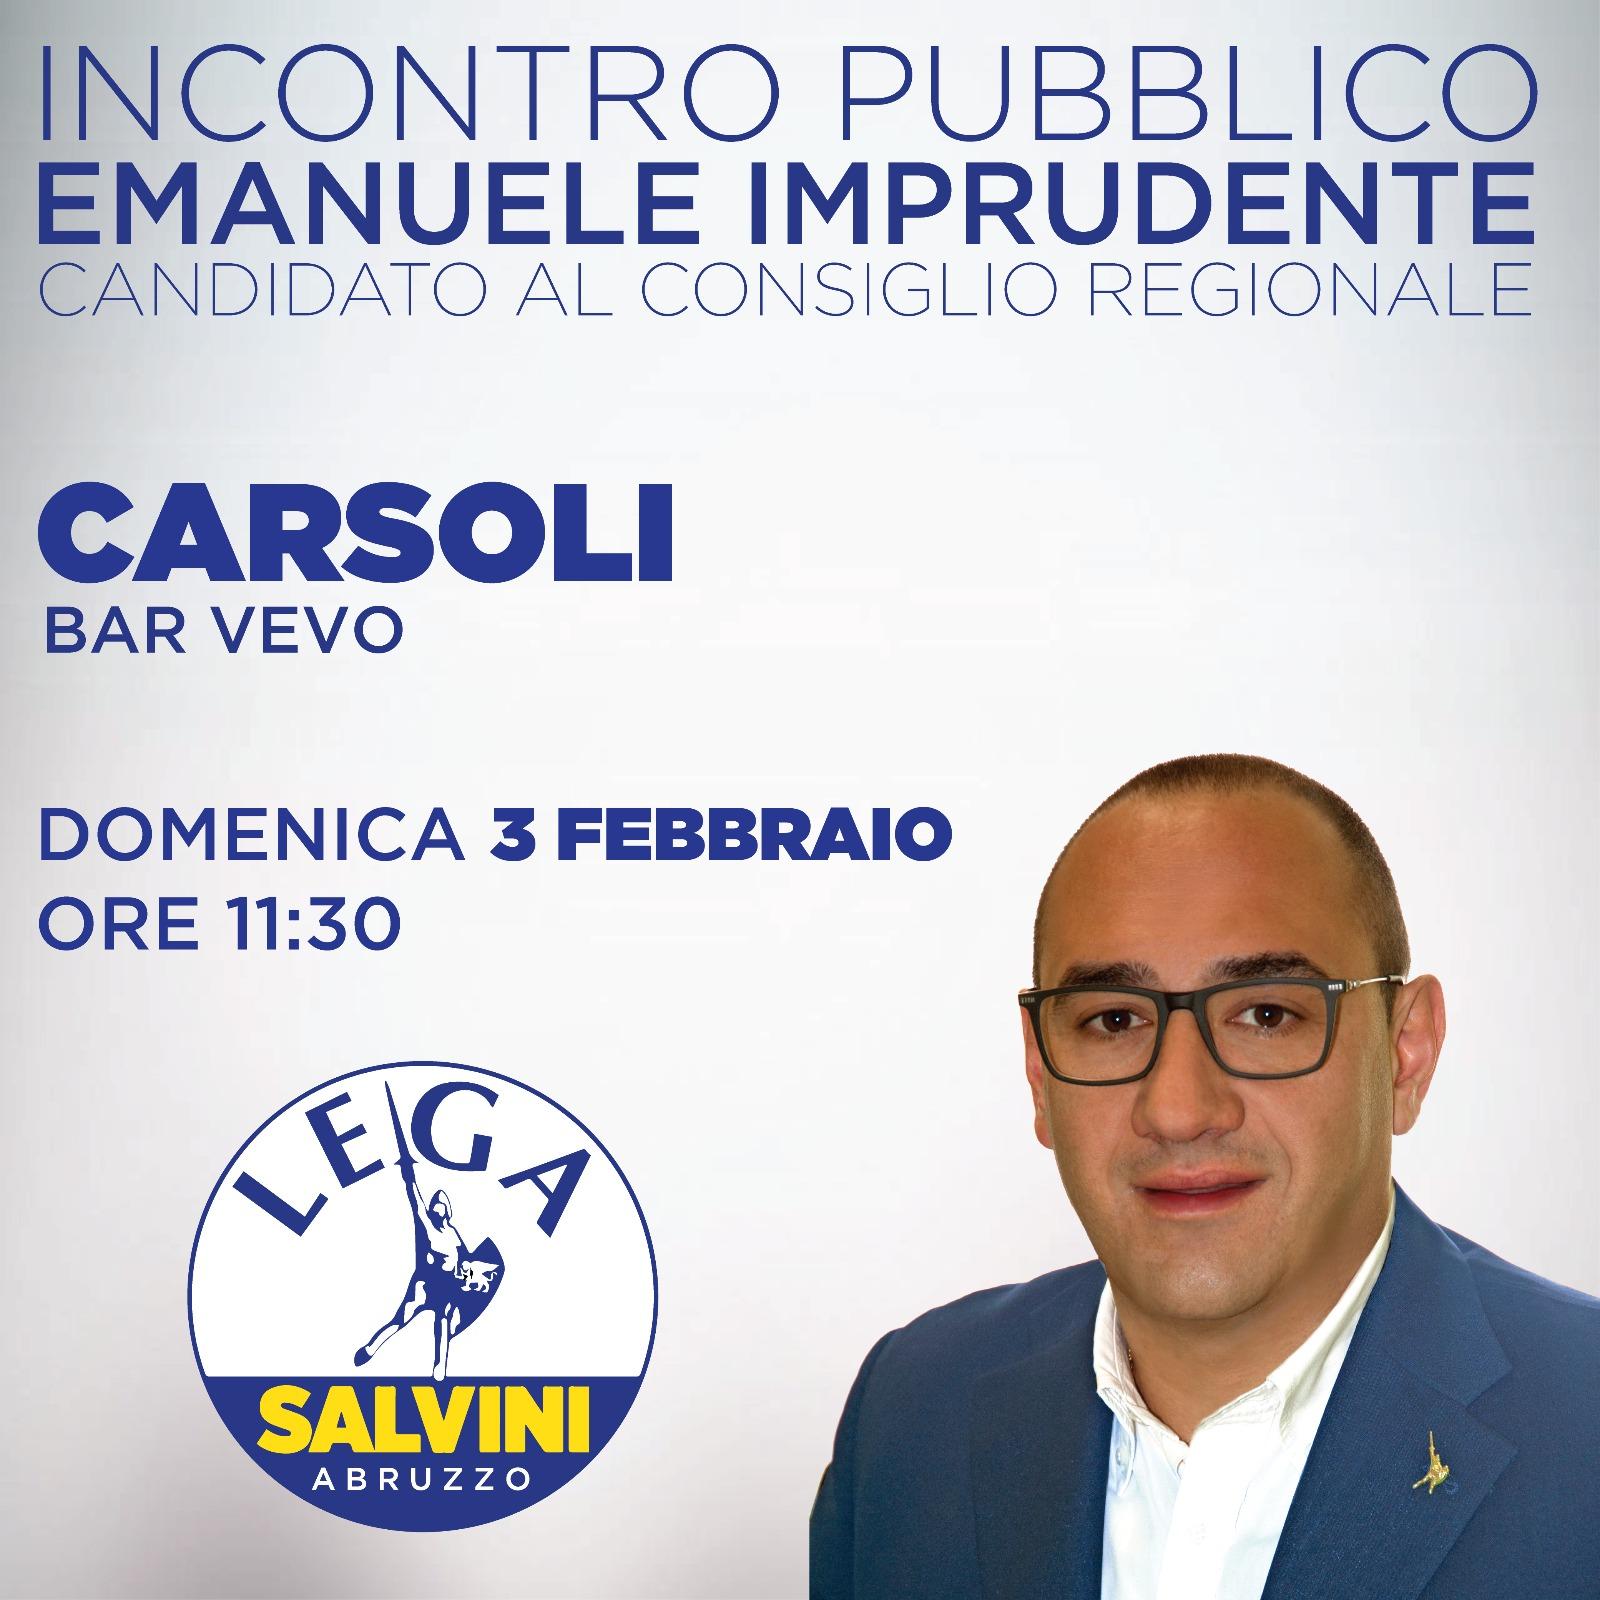 """Emanuele Imprudente (Lega) incontro pubblico a Carsoli: """"azione sinergica per rilanciare l'industria nella Piana del Cavaliere"""""""